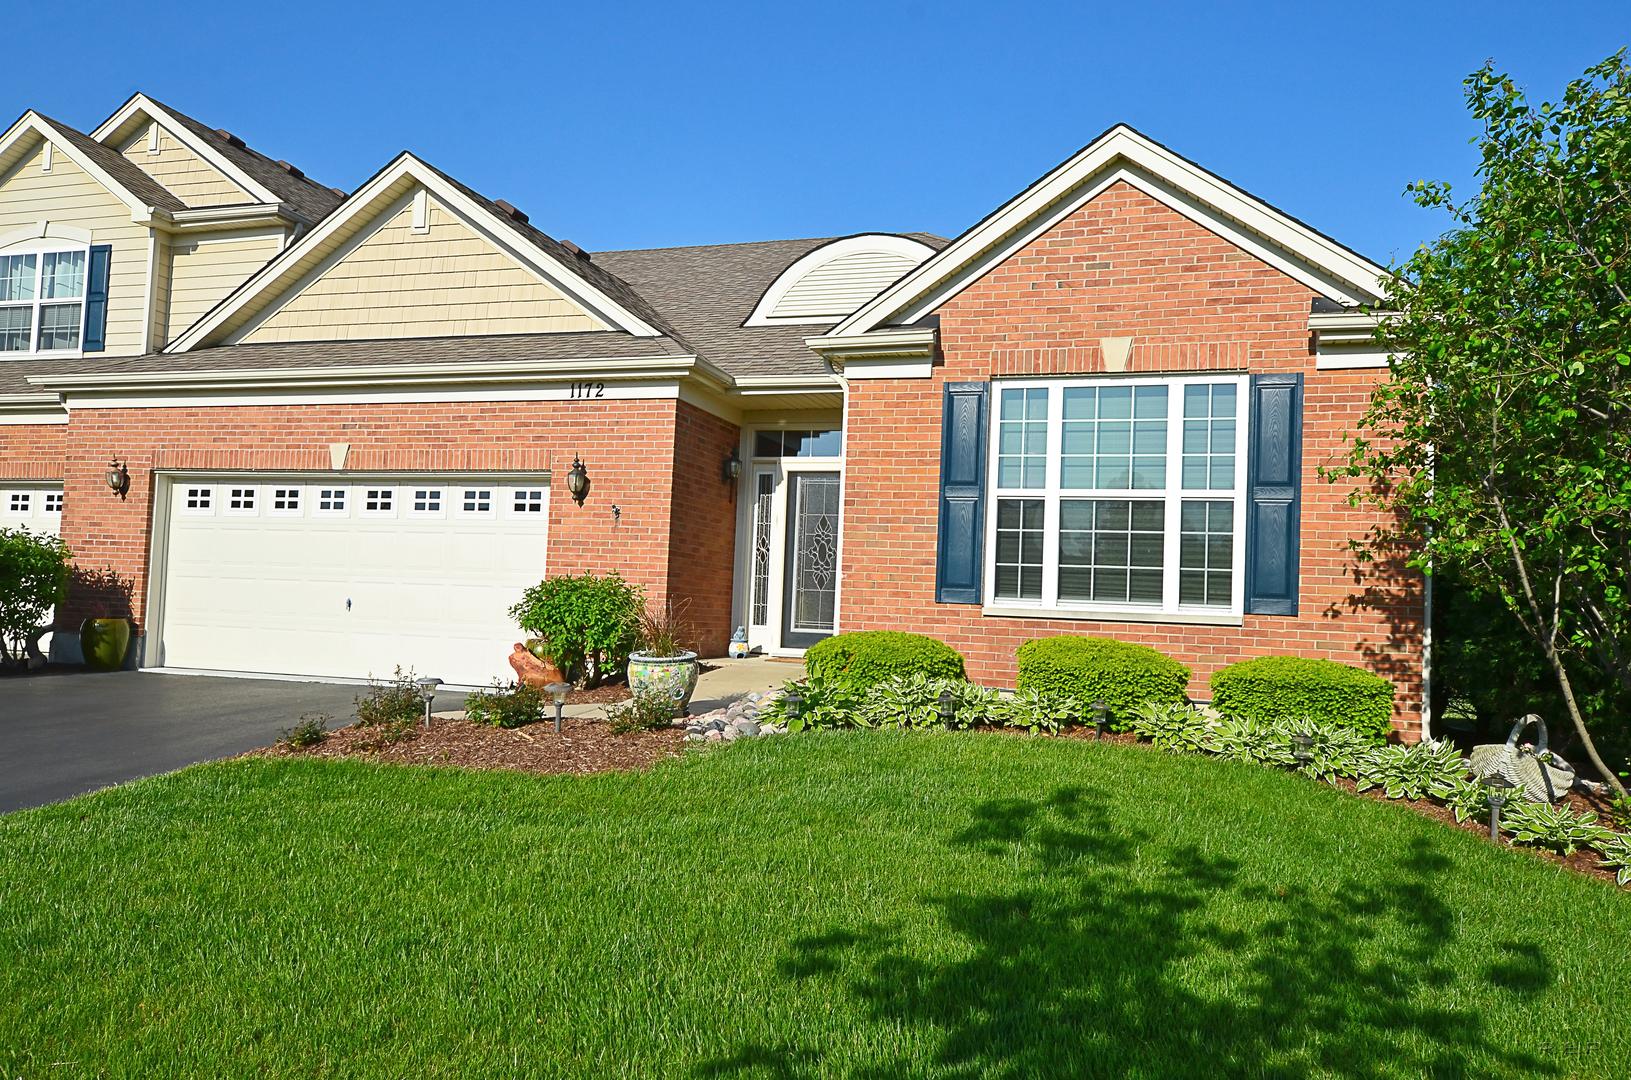 2071 john paul jones lane 2071 bolingbrook il 60490 for John paul greene custom homes